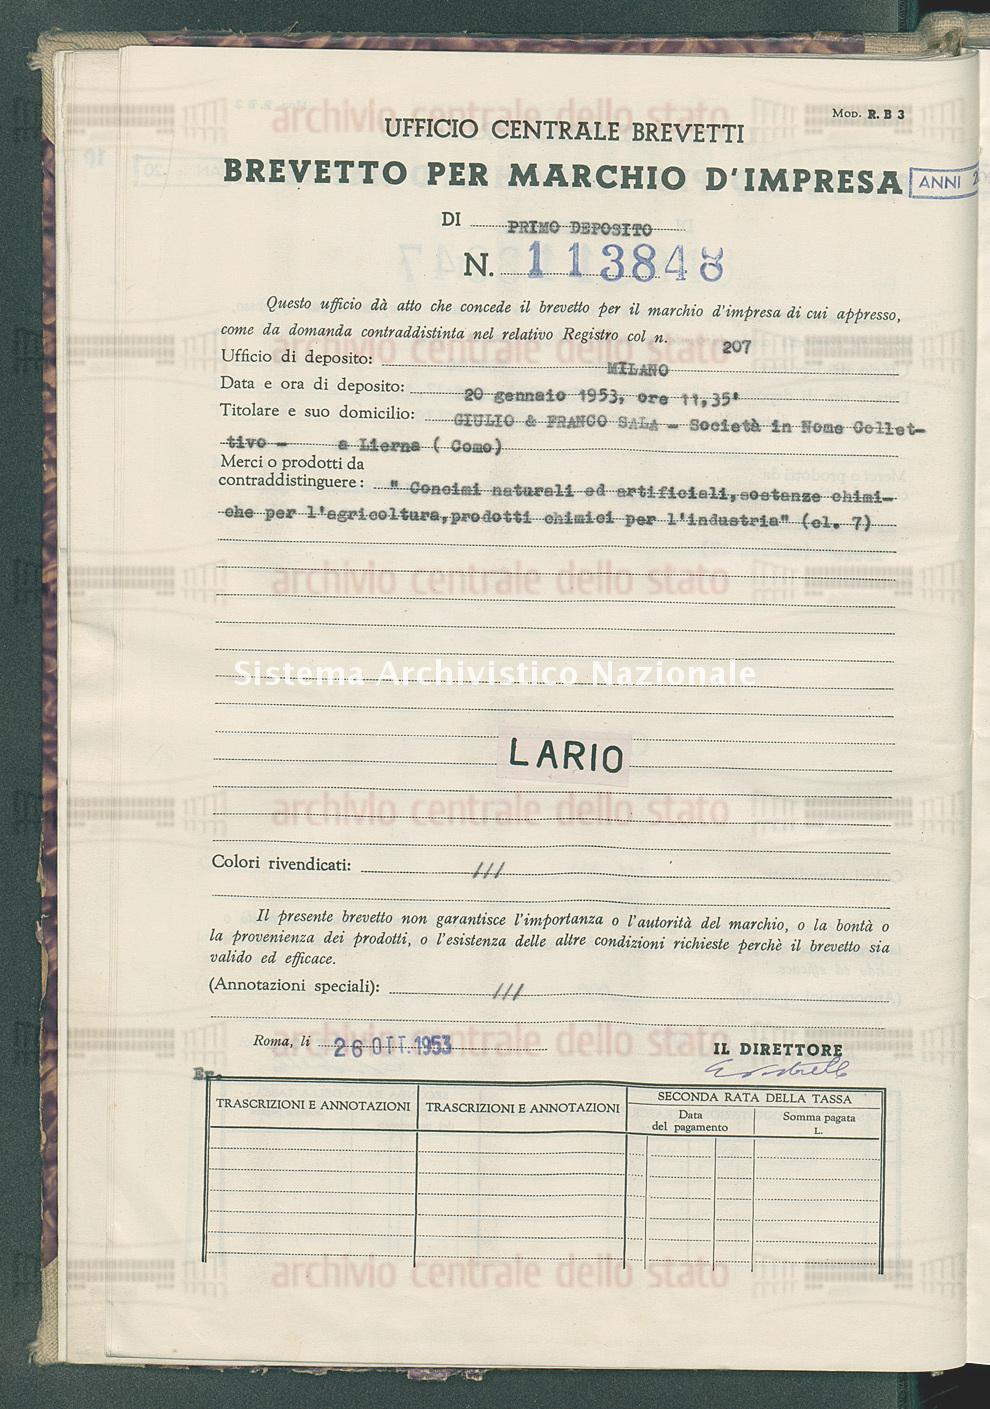 'Concimi naturali ed artificiali, sostanze chimiche per l'agricoltura, Guilio & Franco Sala-Societa' In Nome Collettivo (26/10/1953)